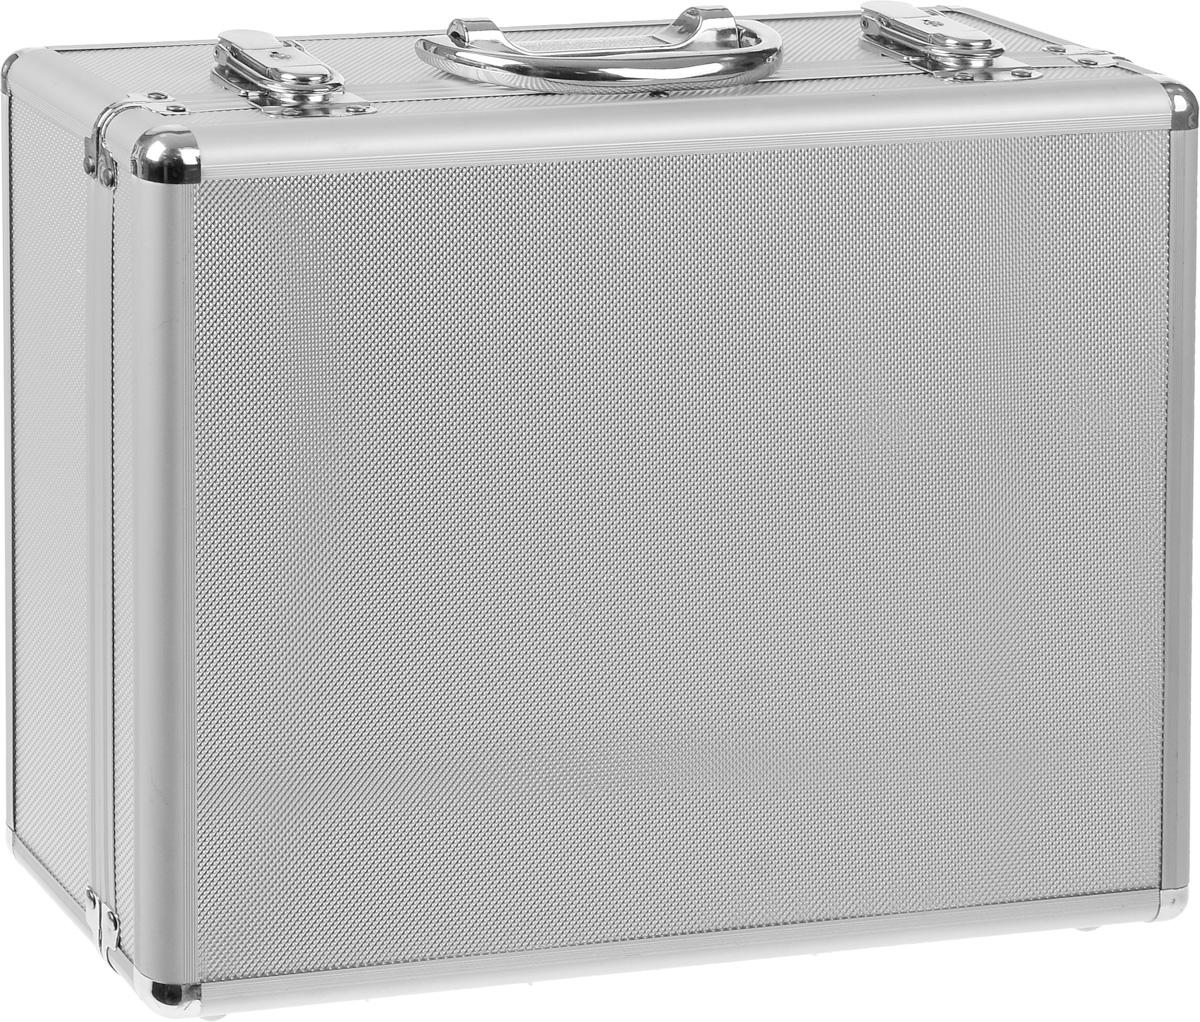 Ящик для инструментов FIT, алюминиевый, 34 х 28 х 12 см98298130Ящик для инструментов FIT изготовлен из алюминия. Внутренние перегородки - переставные, что позволяет изменять пространство ящика по своему усмотрению. Отделка выполнена из мягкого пористого материала, что обеспечивает более бережное хранение инструмента.